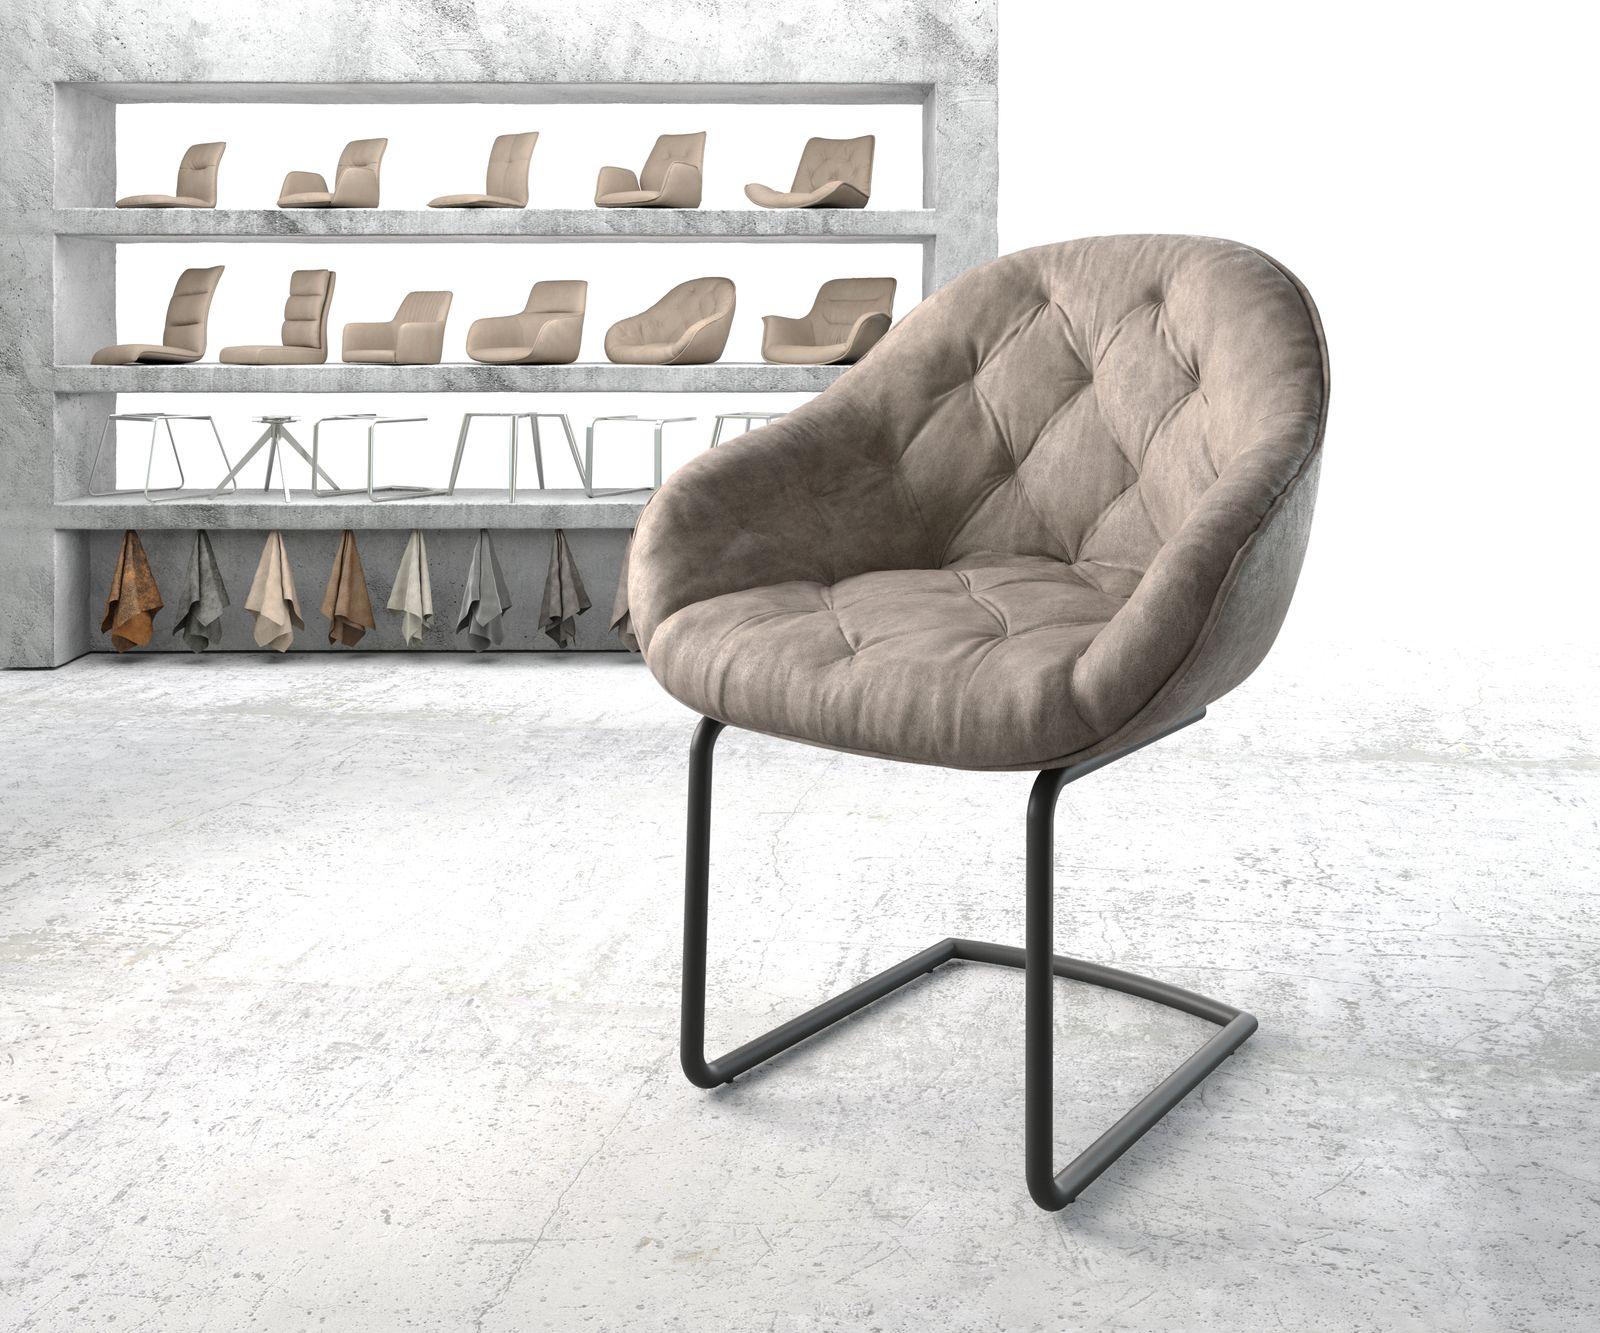 delife-armlehnstuhl-gaio-flex-taupe-vintage-freischwinger-rund-schwarz-esszimmerstuhle